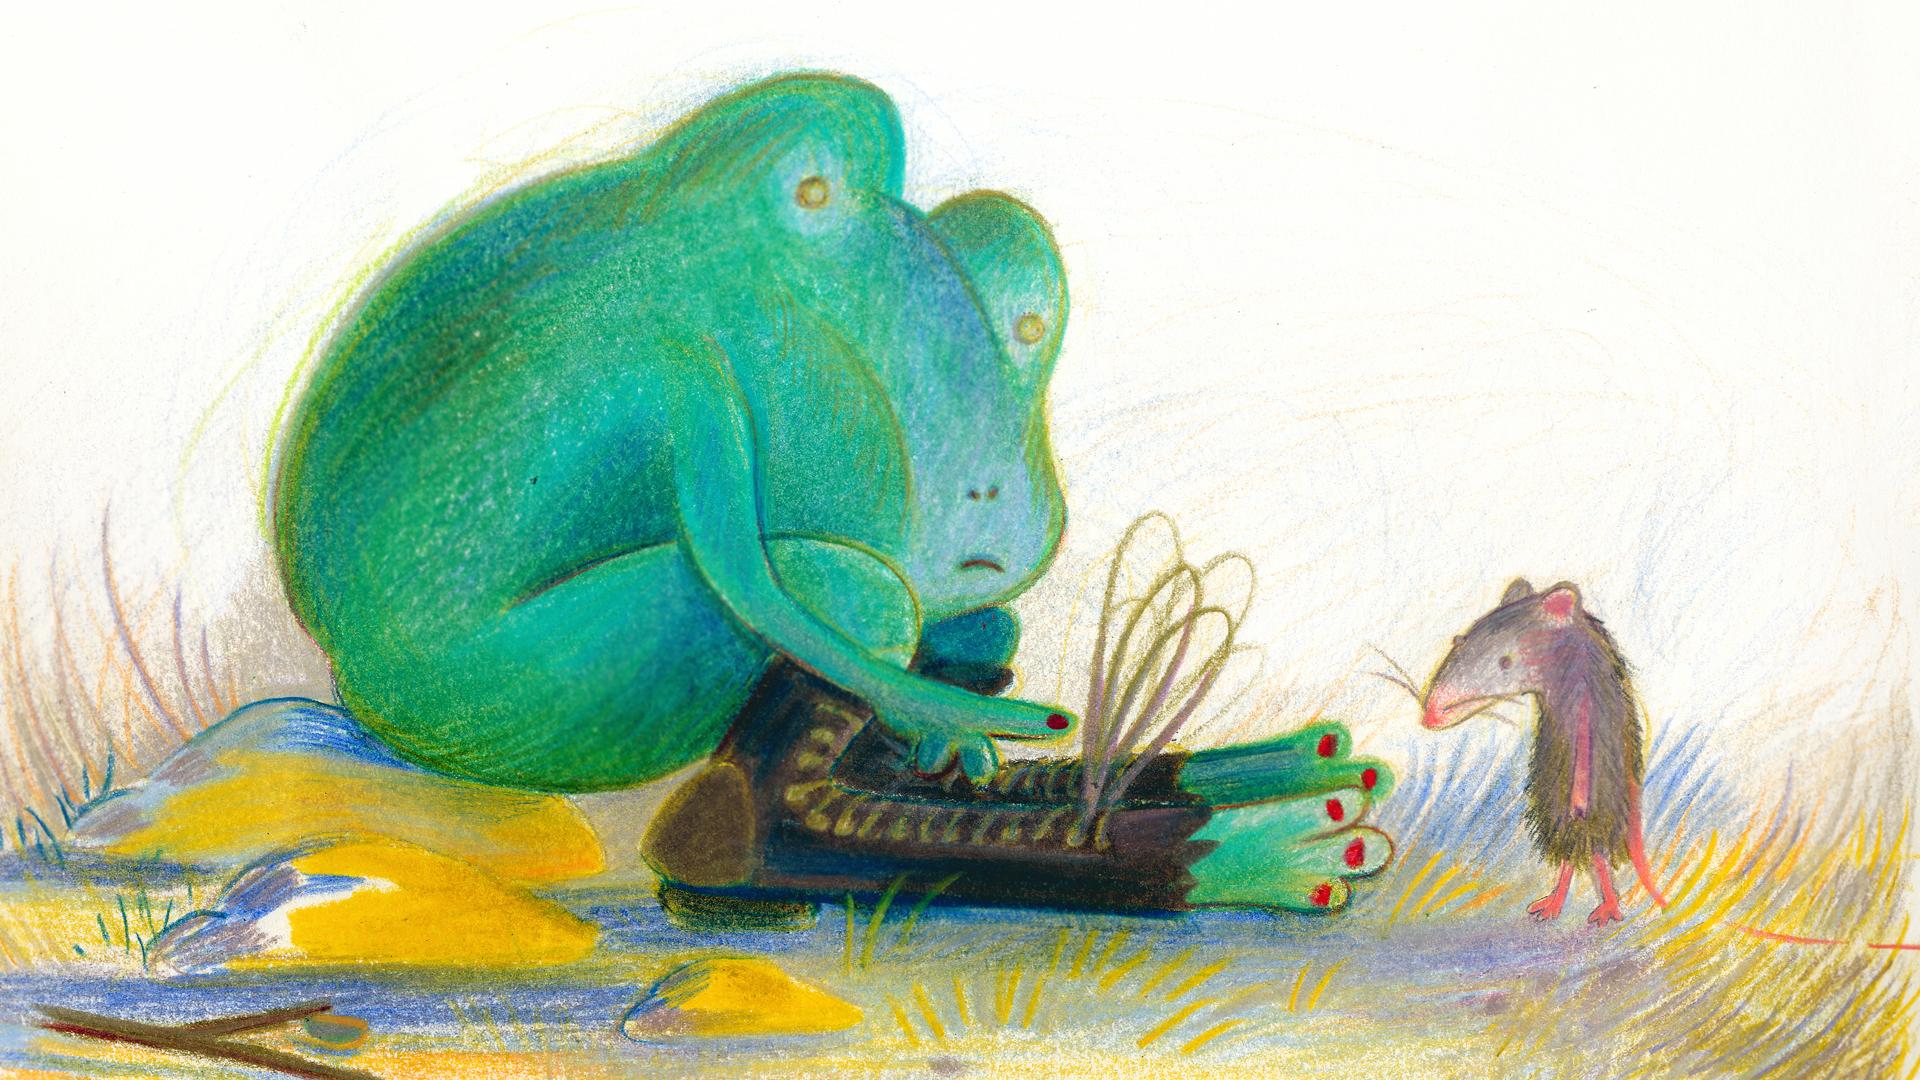 la-grenouille-aux-souliers-perces-1.jpg